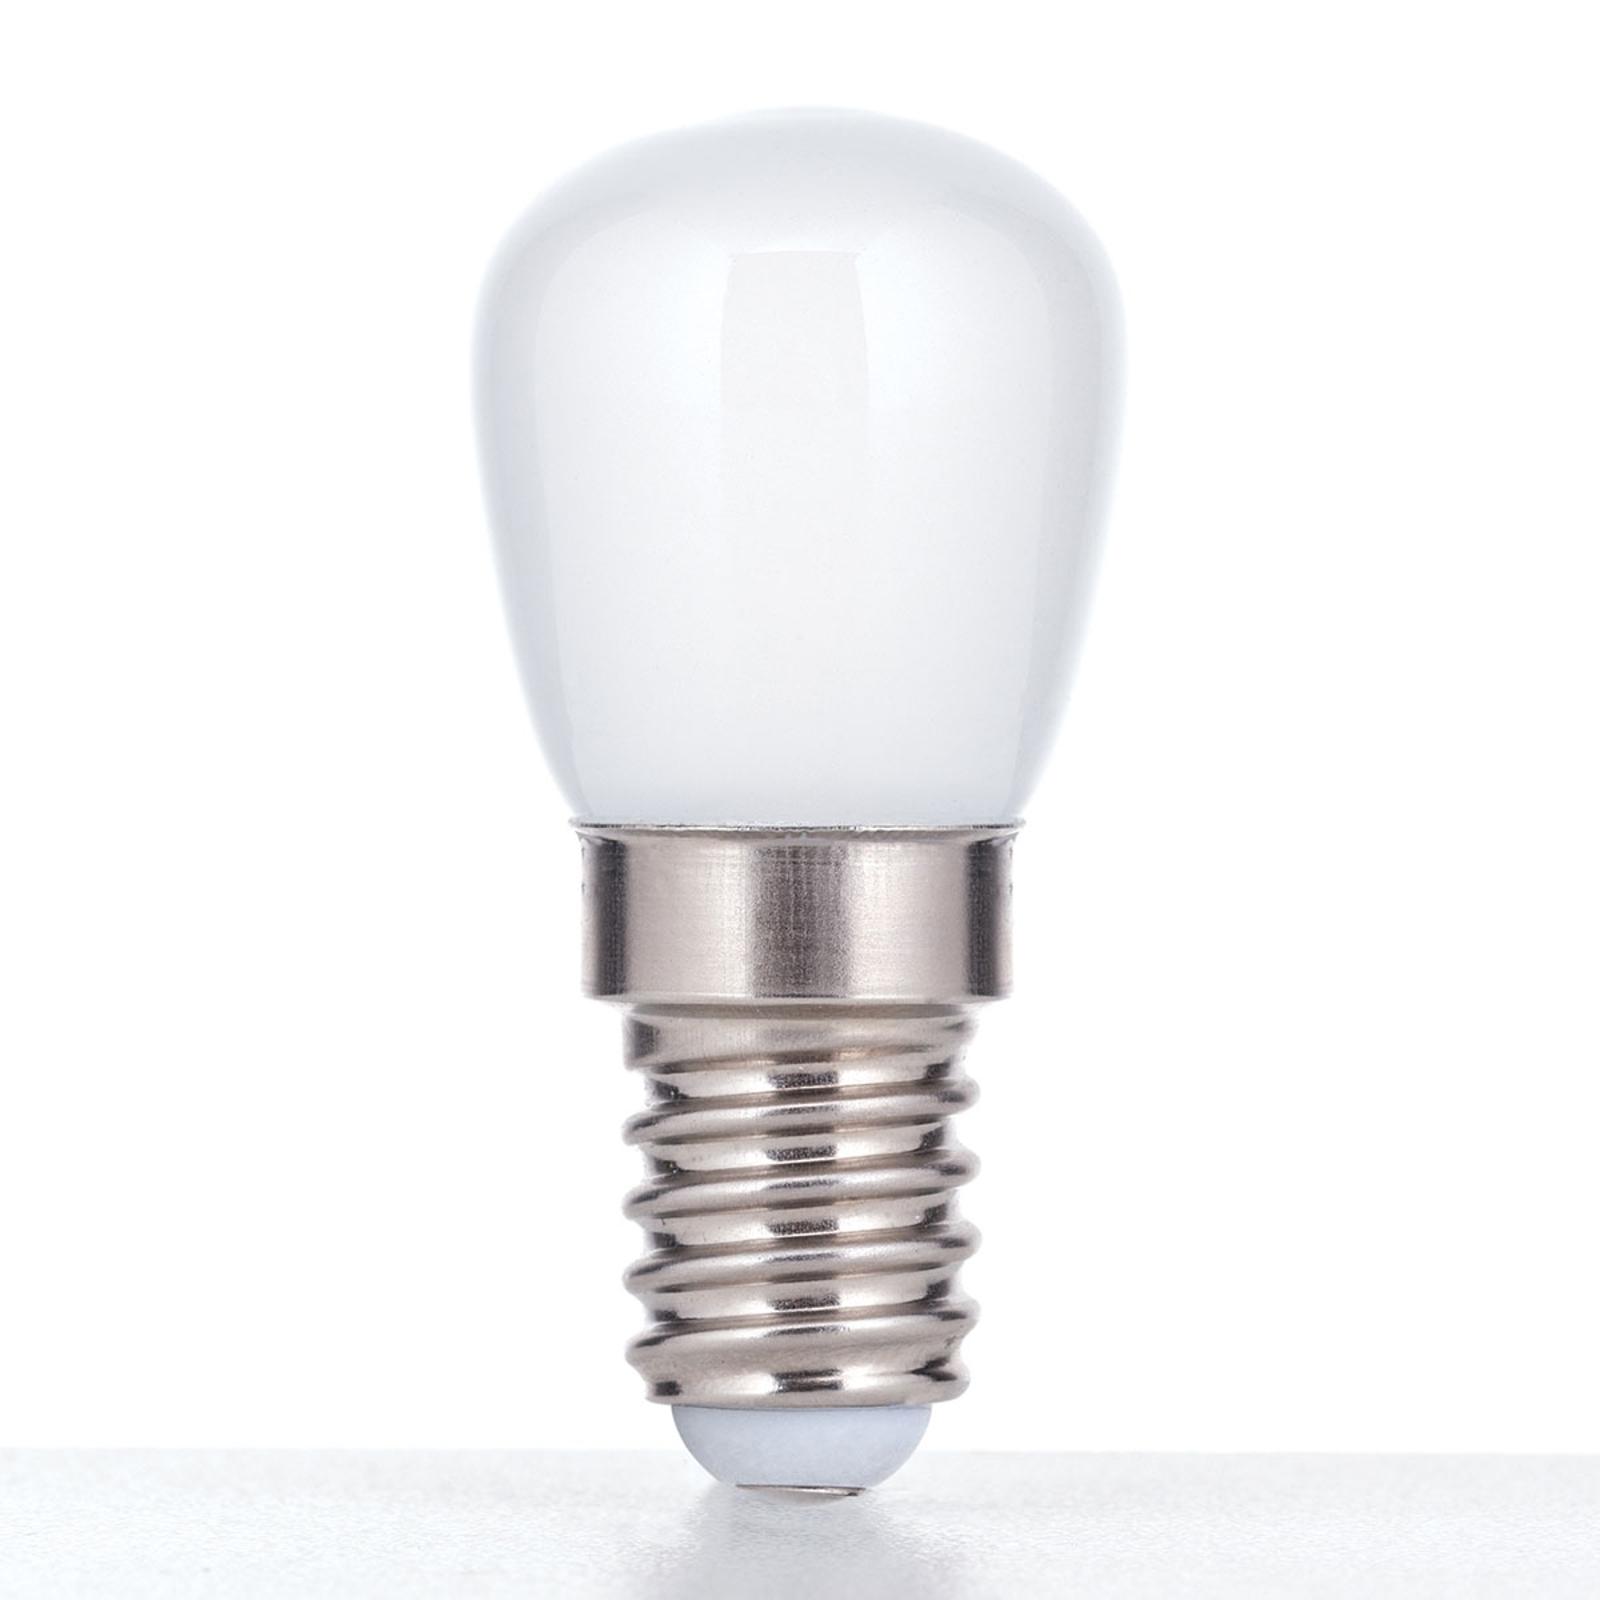 LED-kylskåpslampa E14 1,2W, opal, varmvit